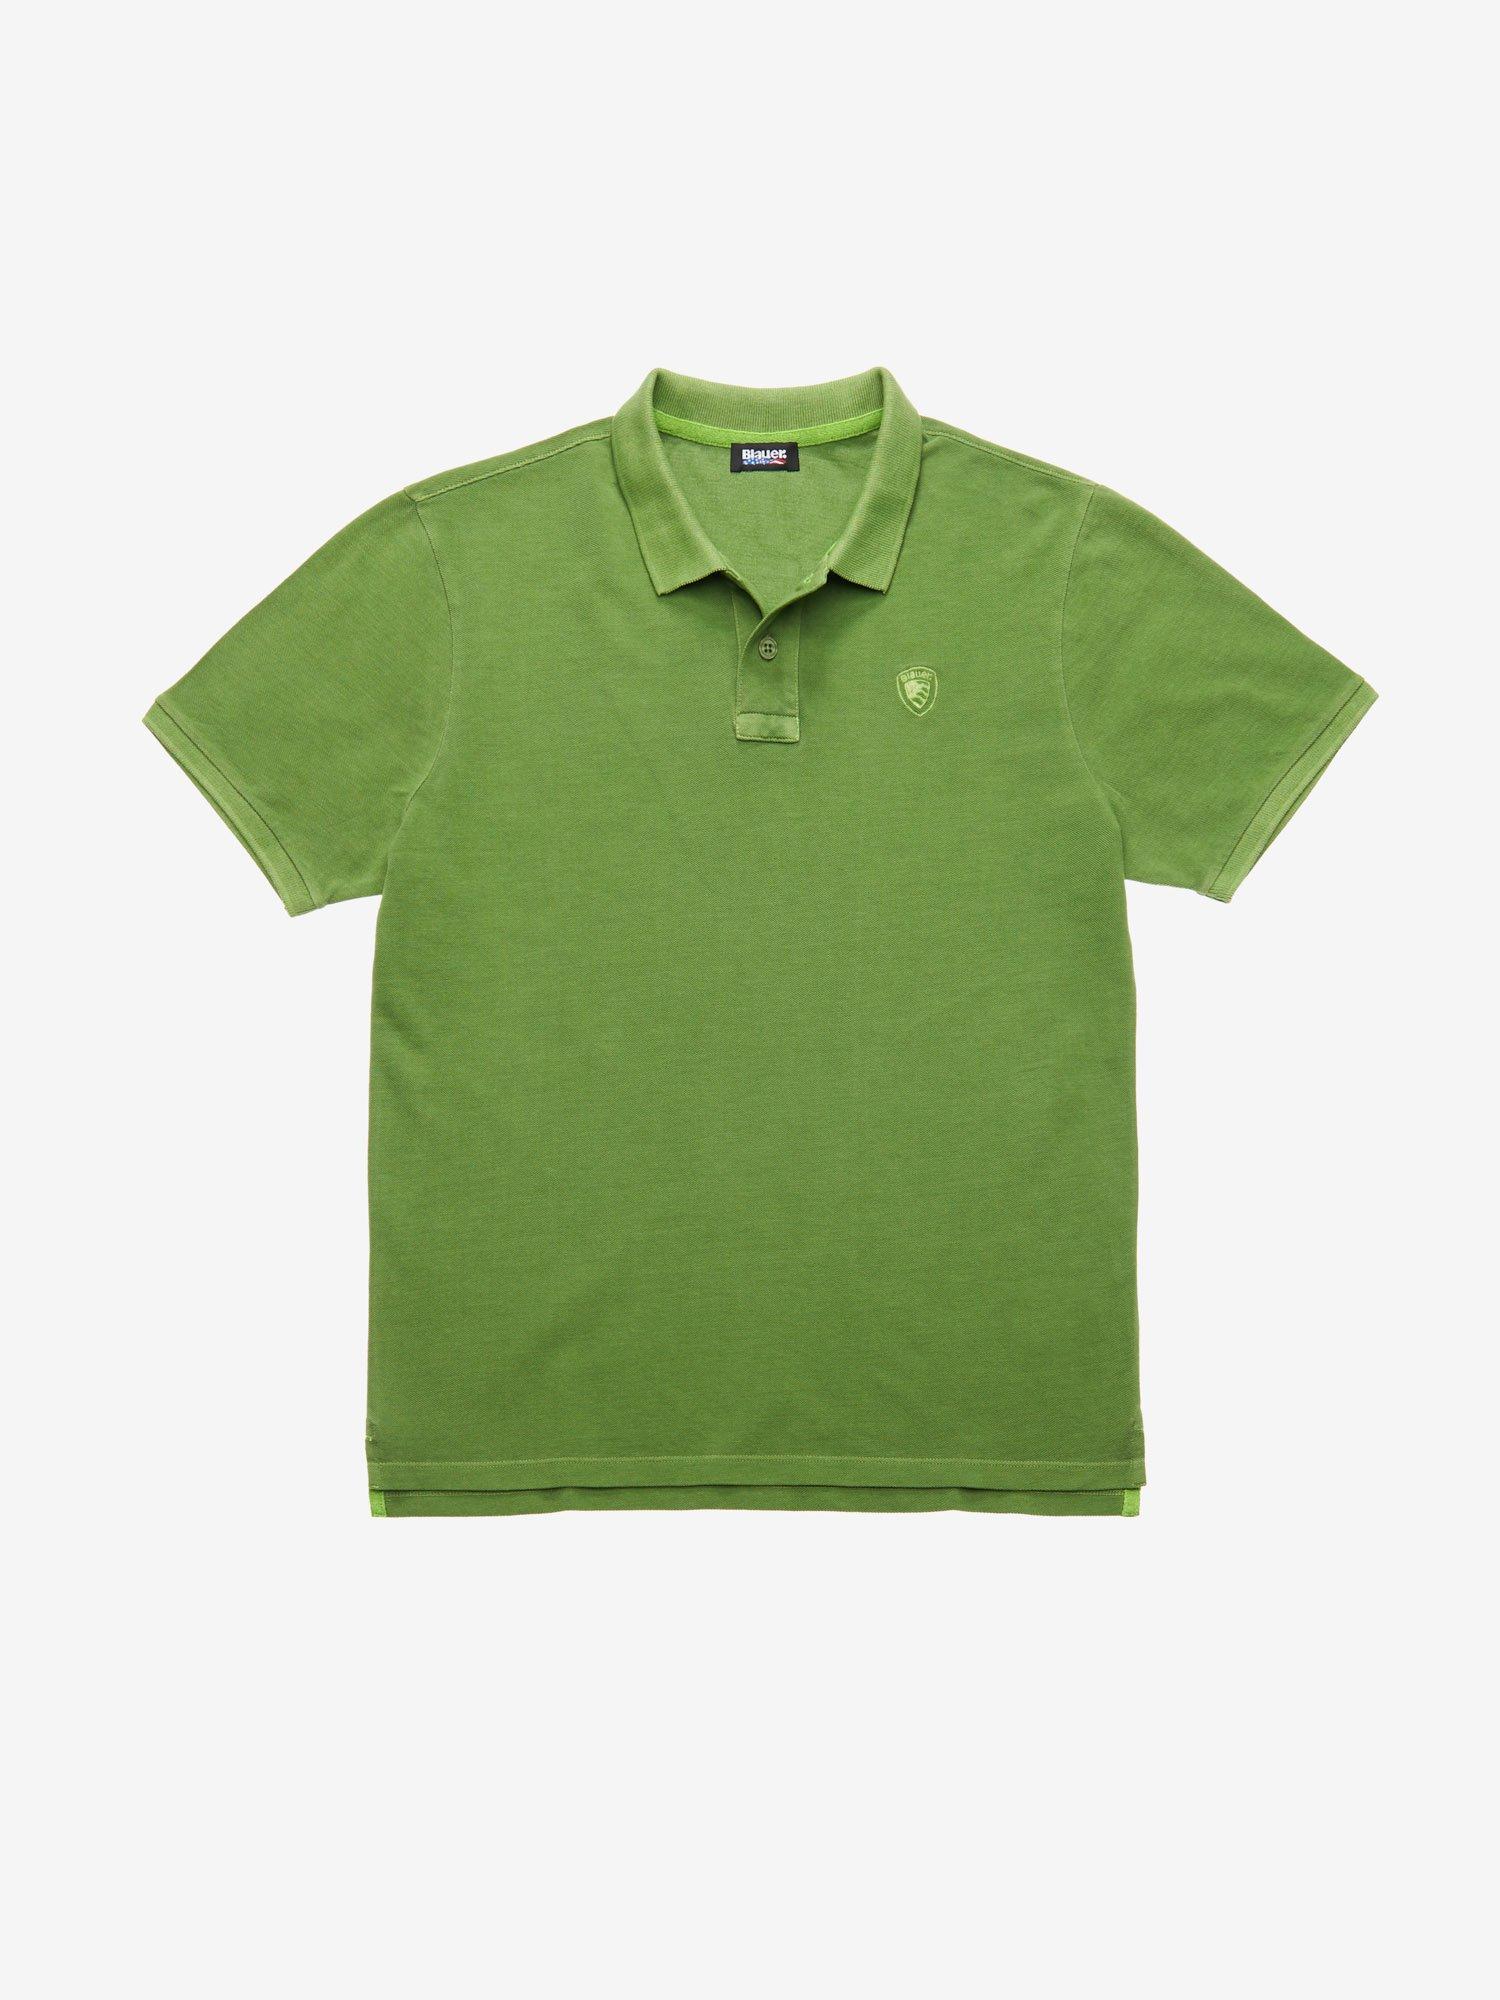 Blauer - SHORT SLEEVE COTTON POLO SHIRT - Green Pea - Blauer